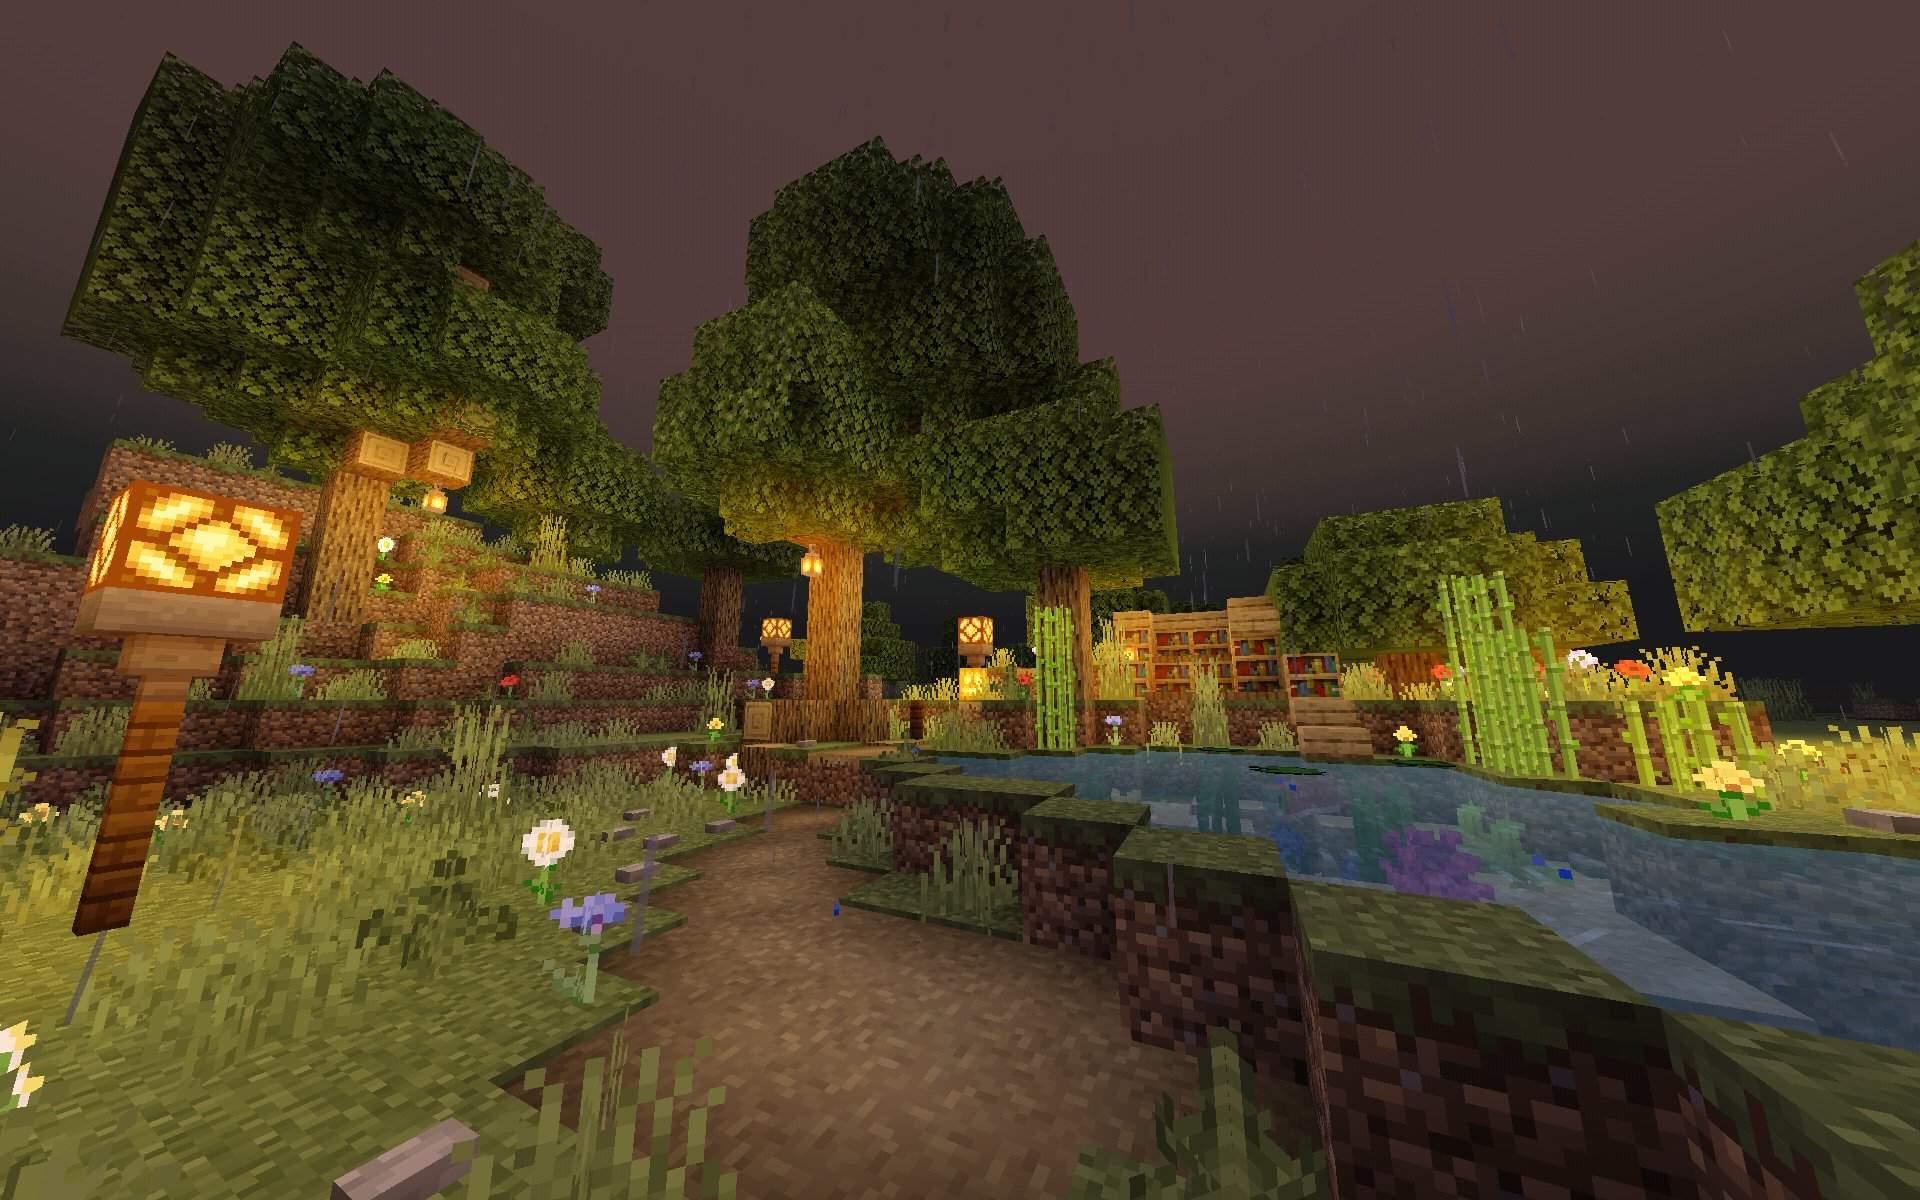 In Minecraft